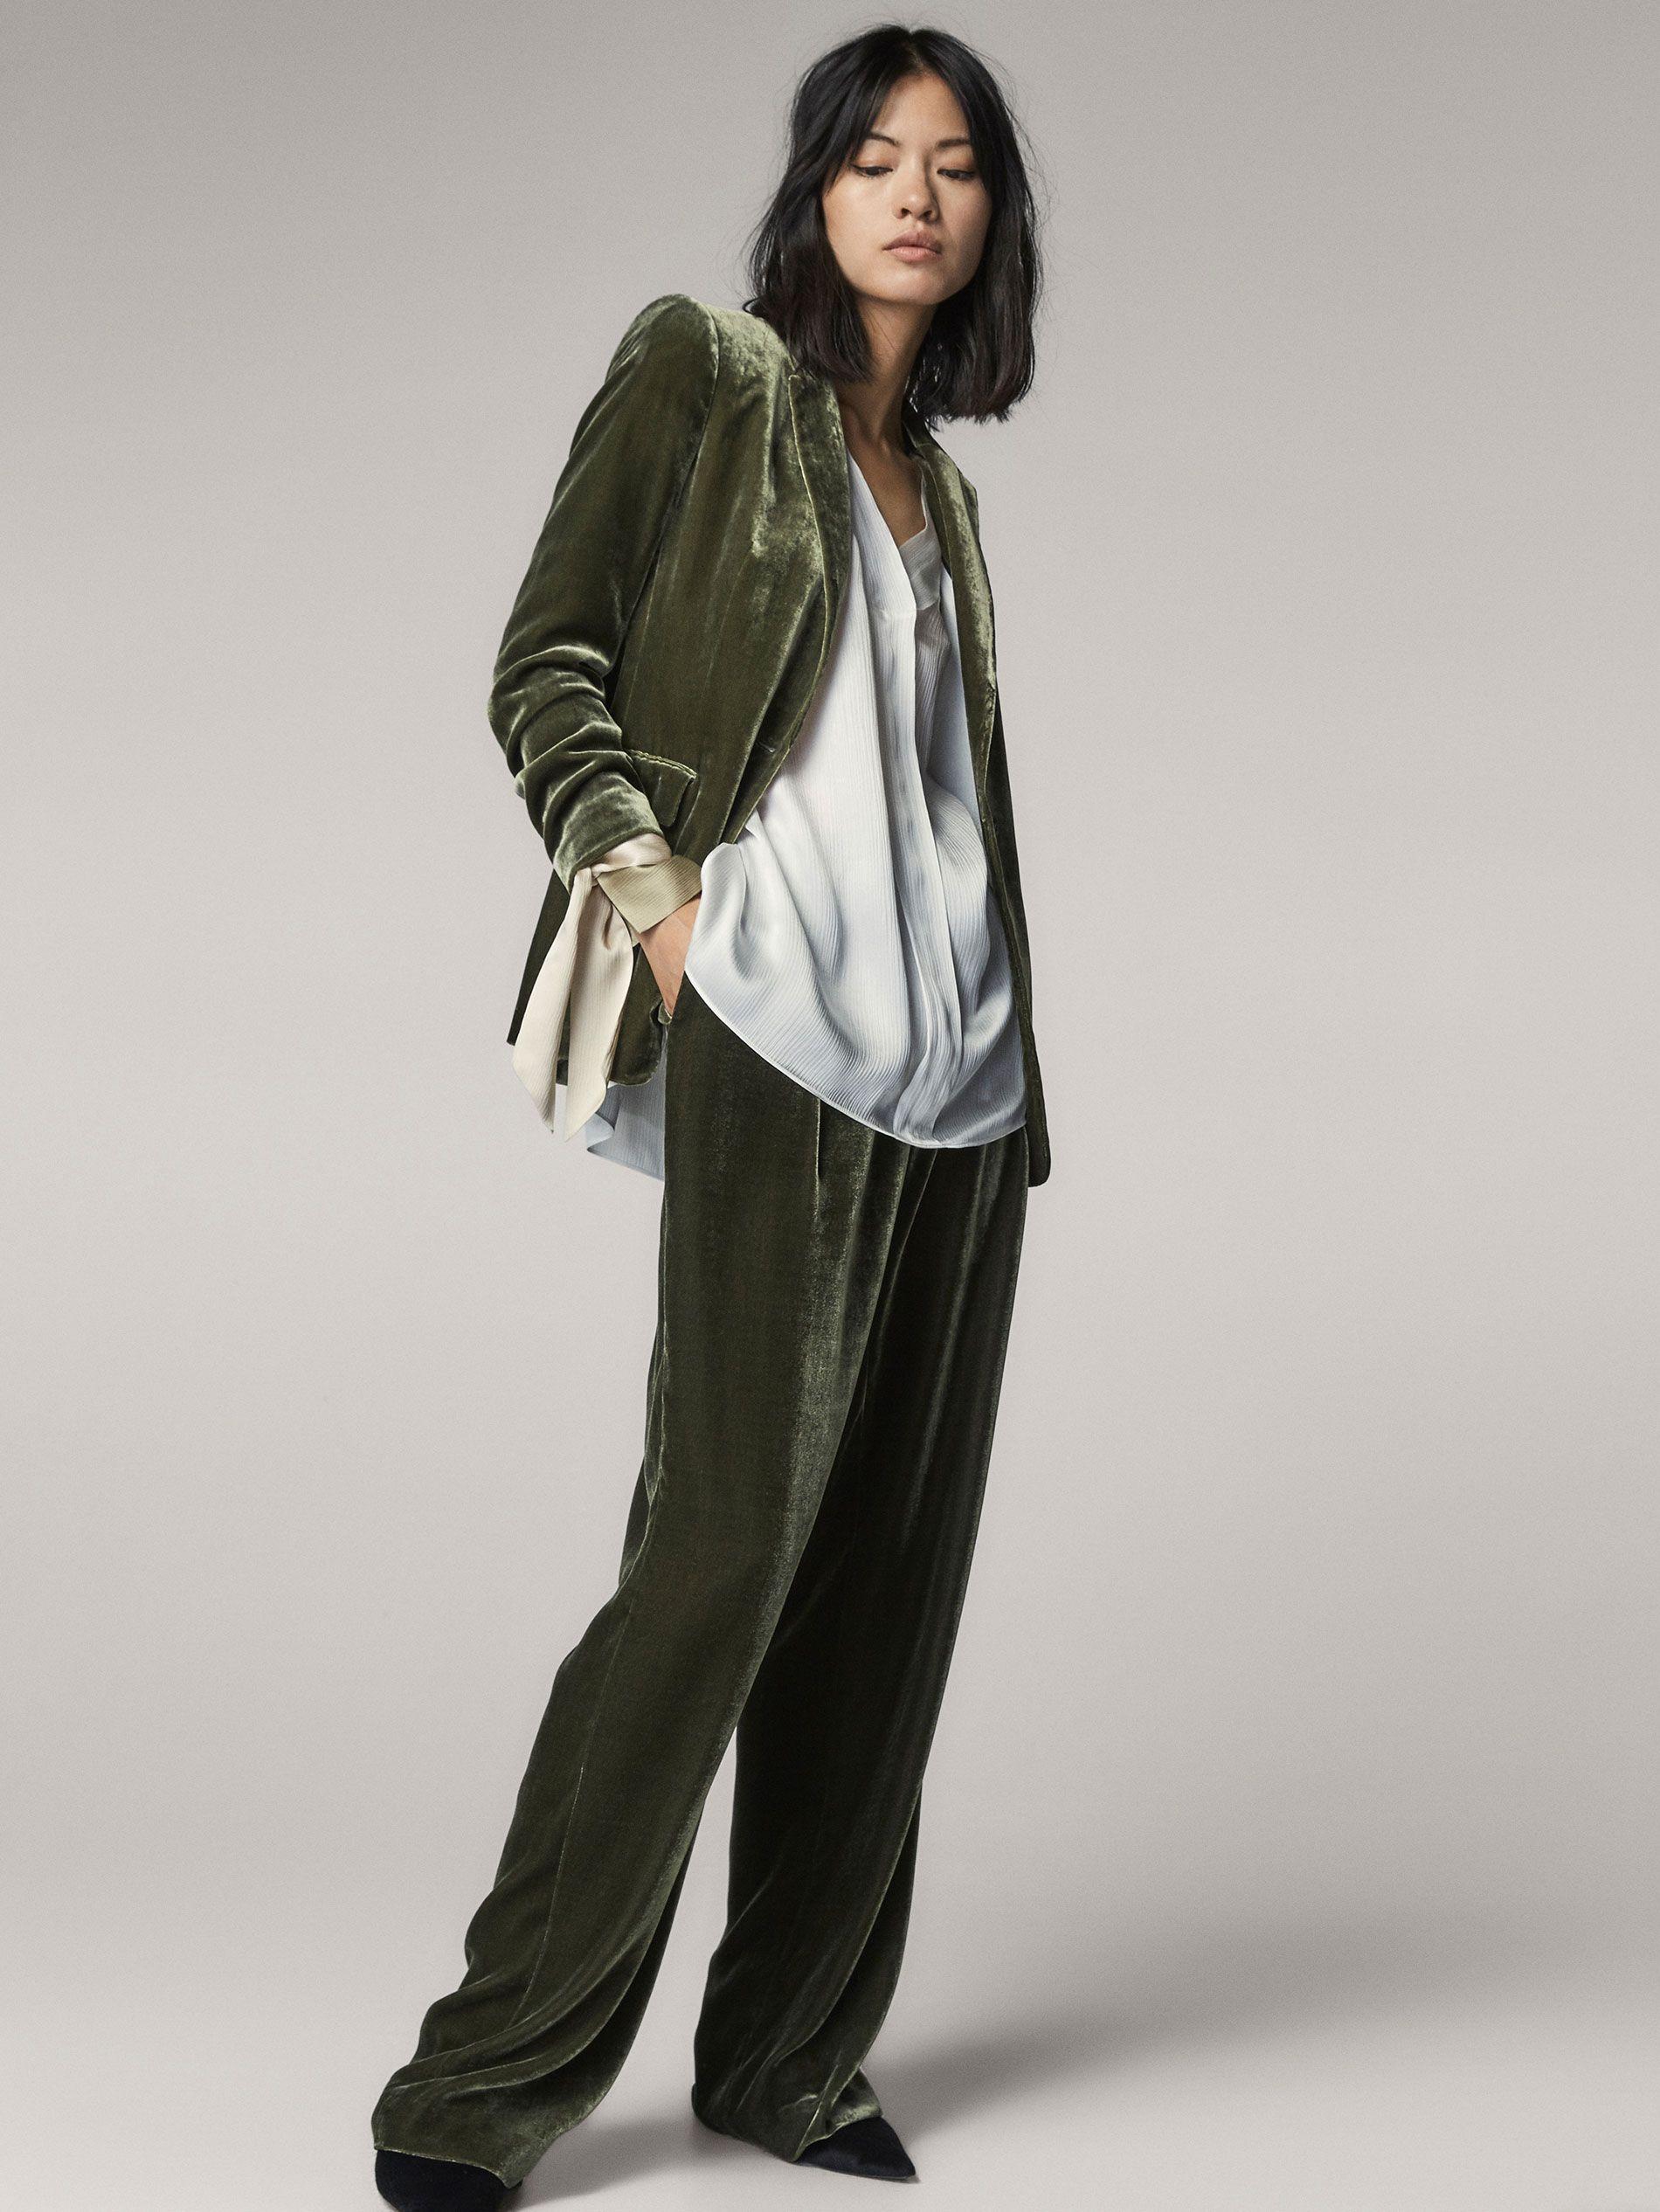 Fit Pour Slim Soie Vert Femmes Velours De Costumes Massimo Veste ZIwx4qRgx